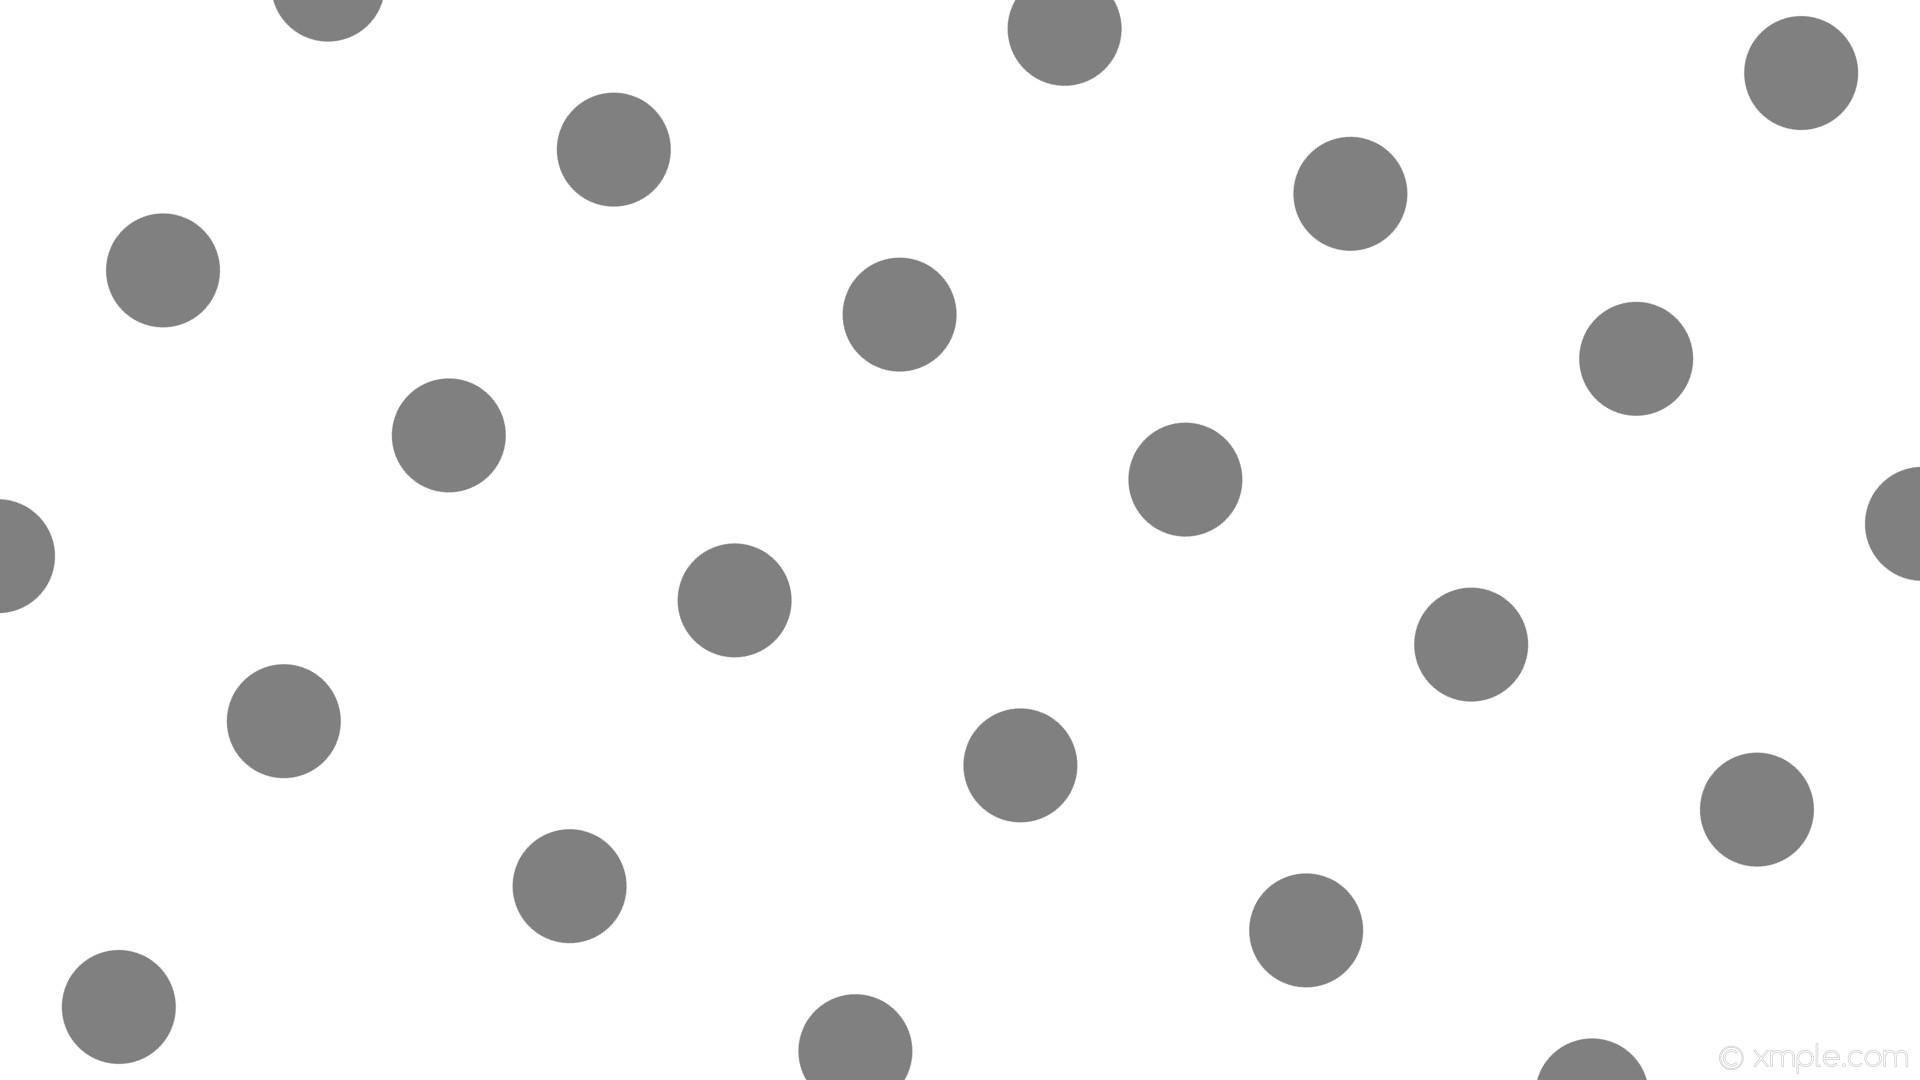 wallpaper dots grey polka spots white gray #ffffff #808080 150° 114px 330px